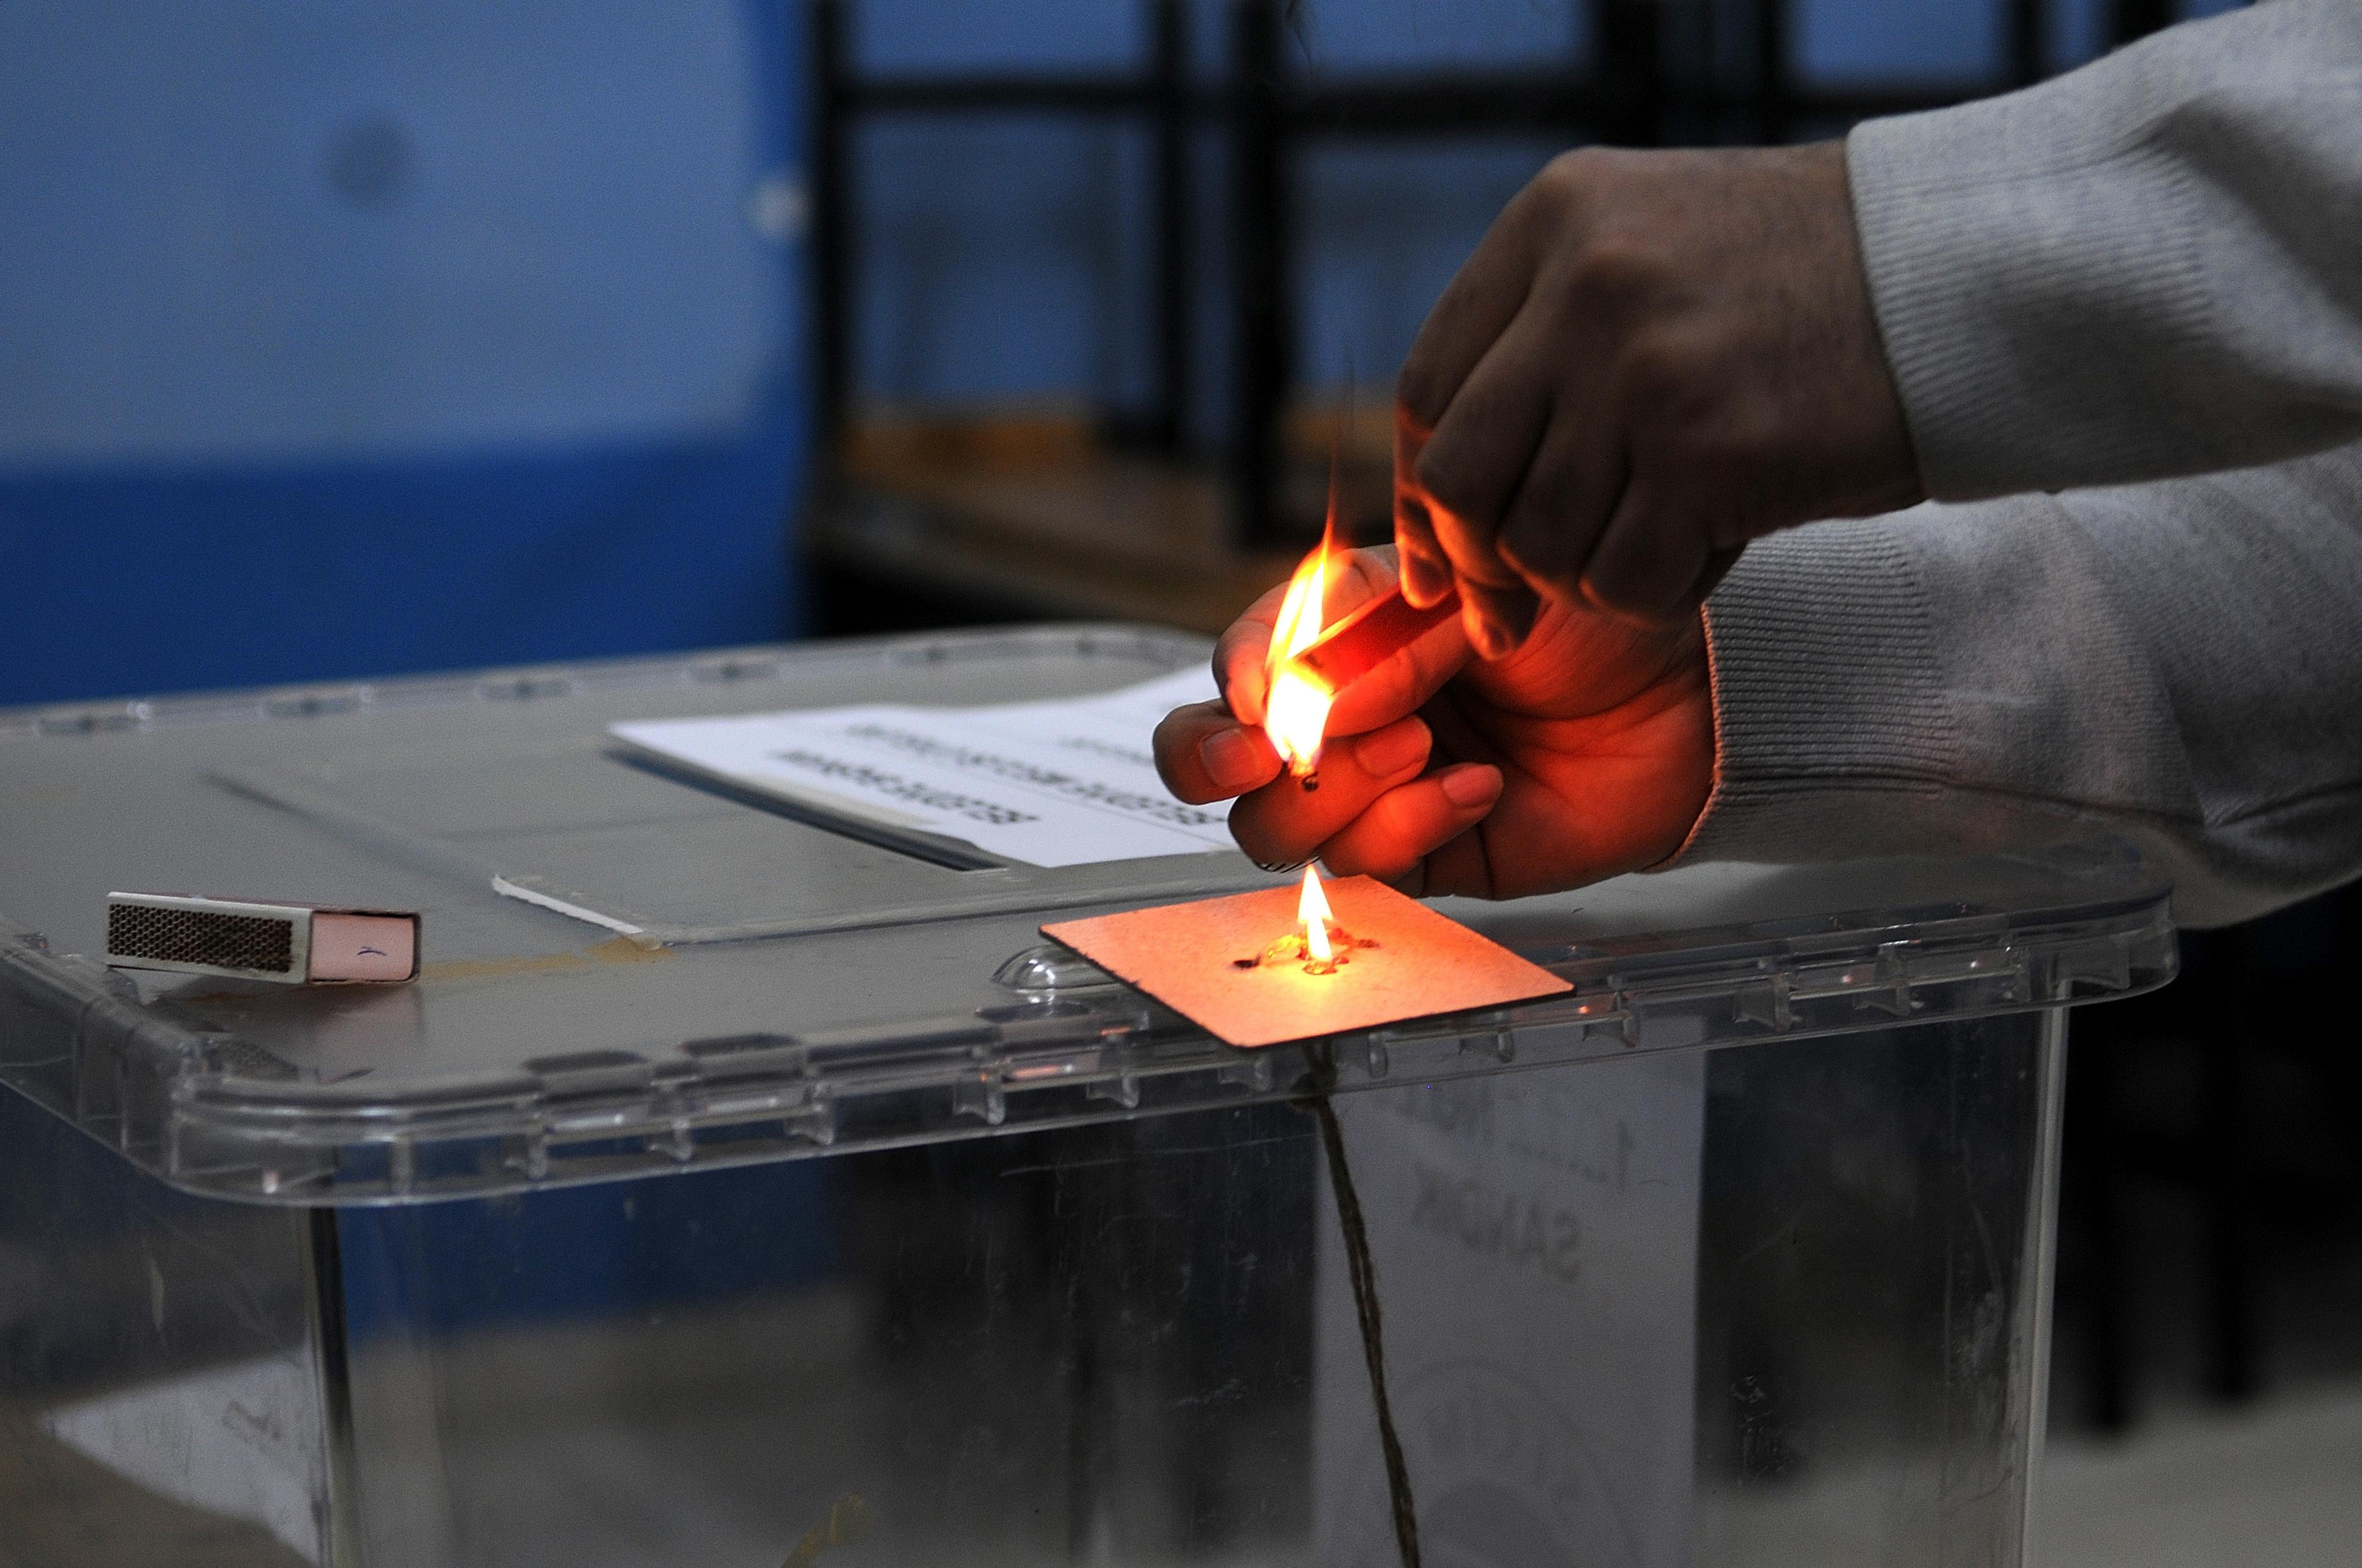 AKP İtiraz Etmişti: İstanbul'da Üç İlçede Geçersiz Oylar Yeniden Sayılacak